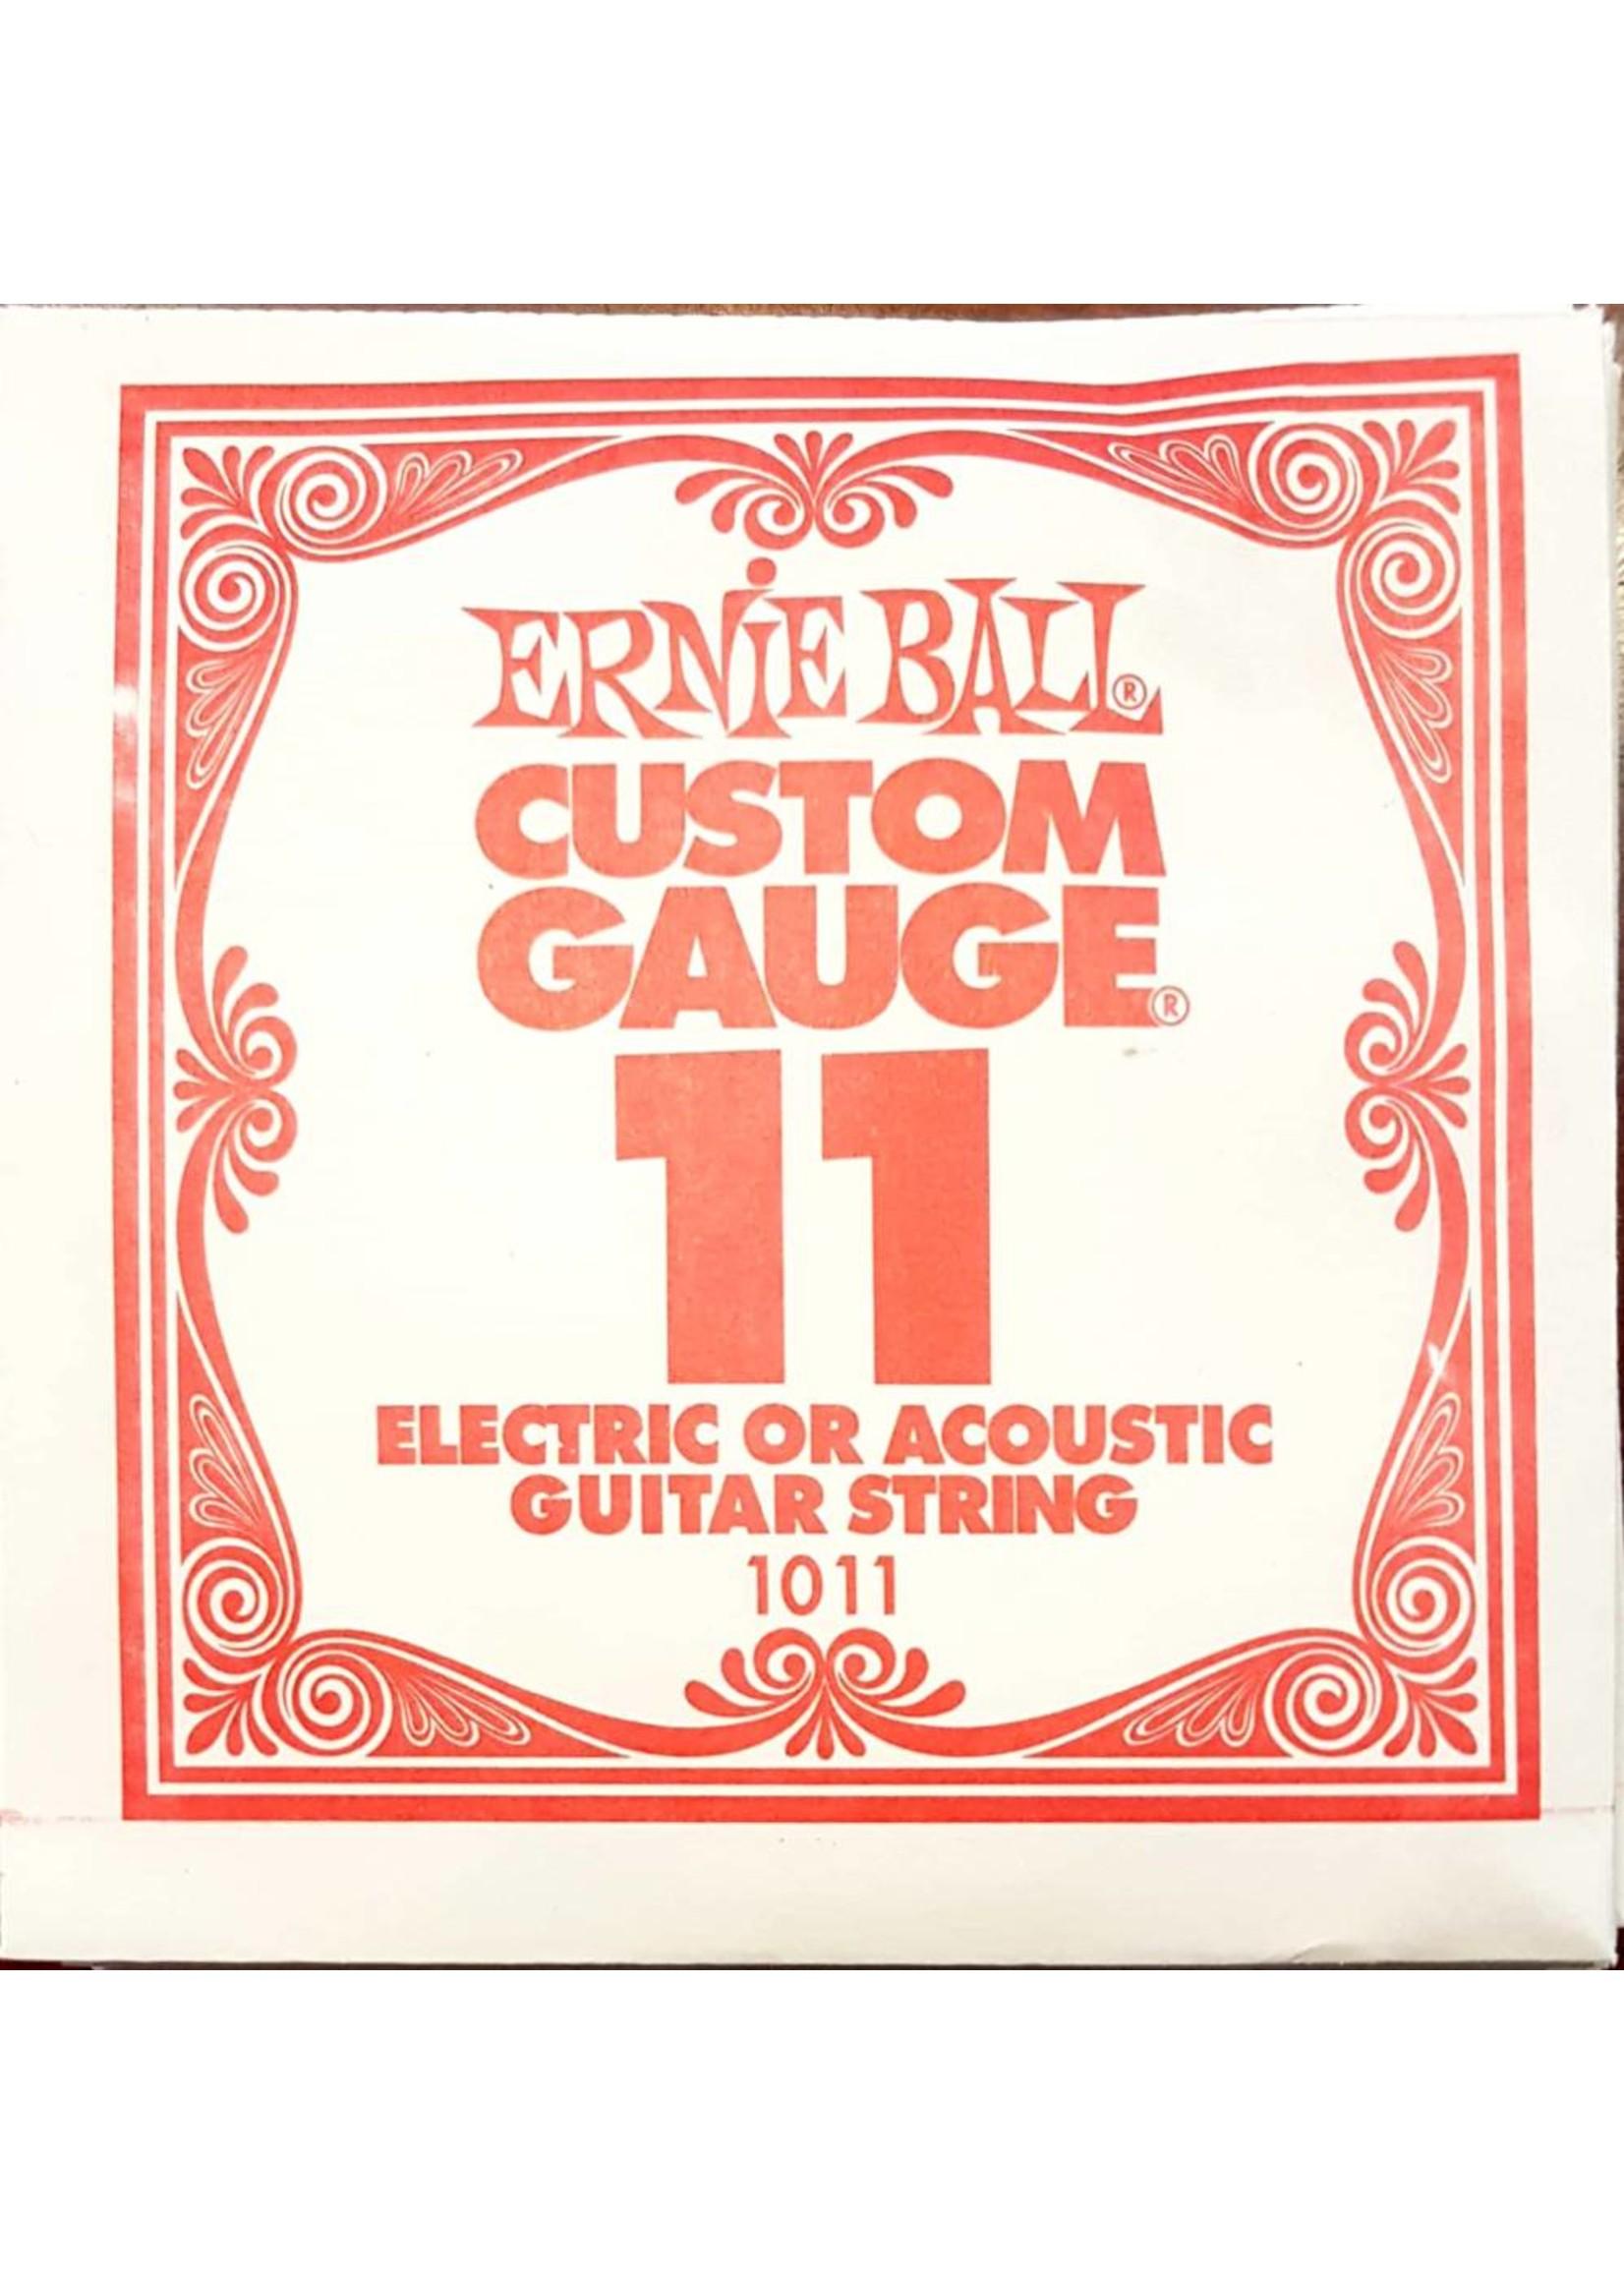 ERNIE BALL 1011 ERNIE BALL